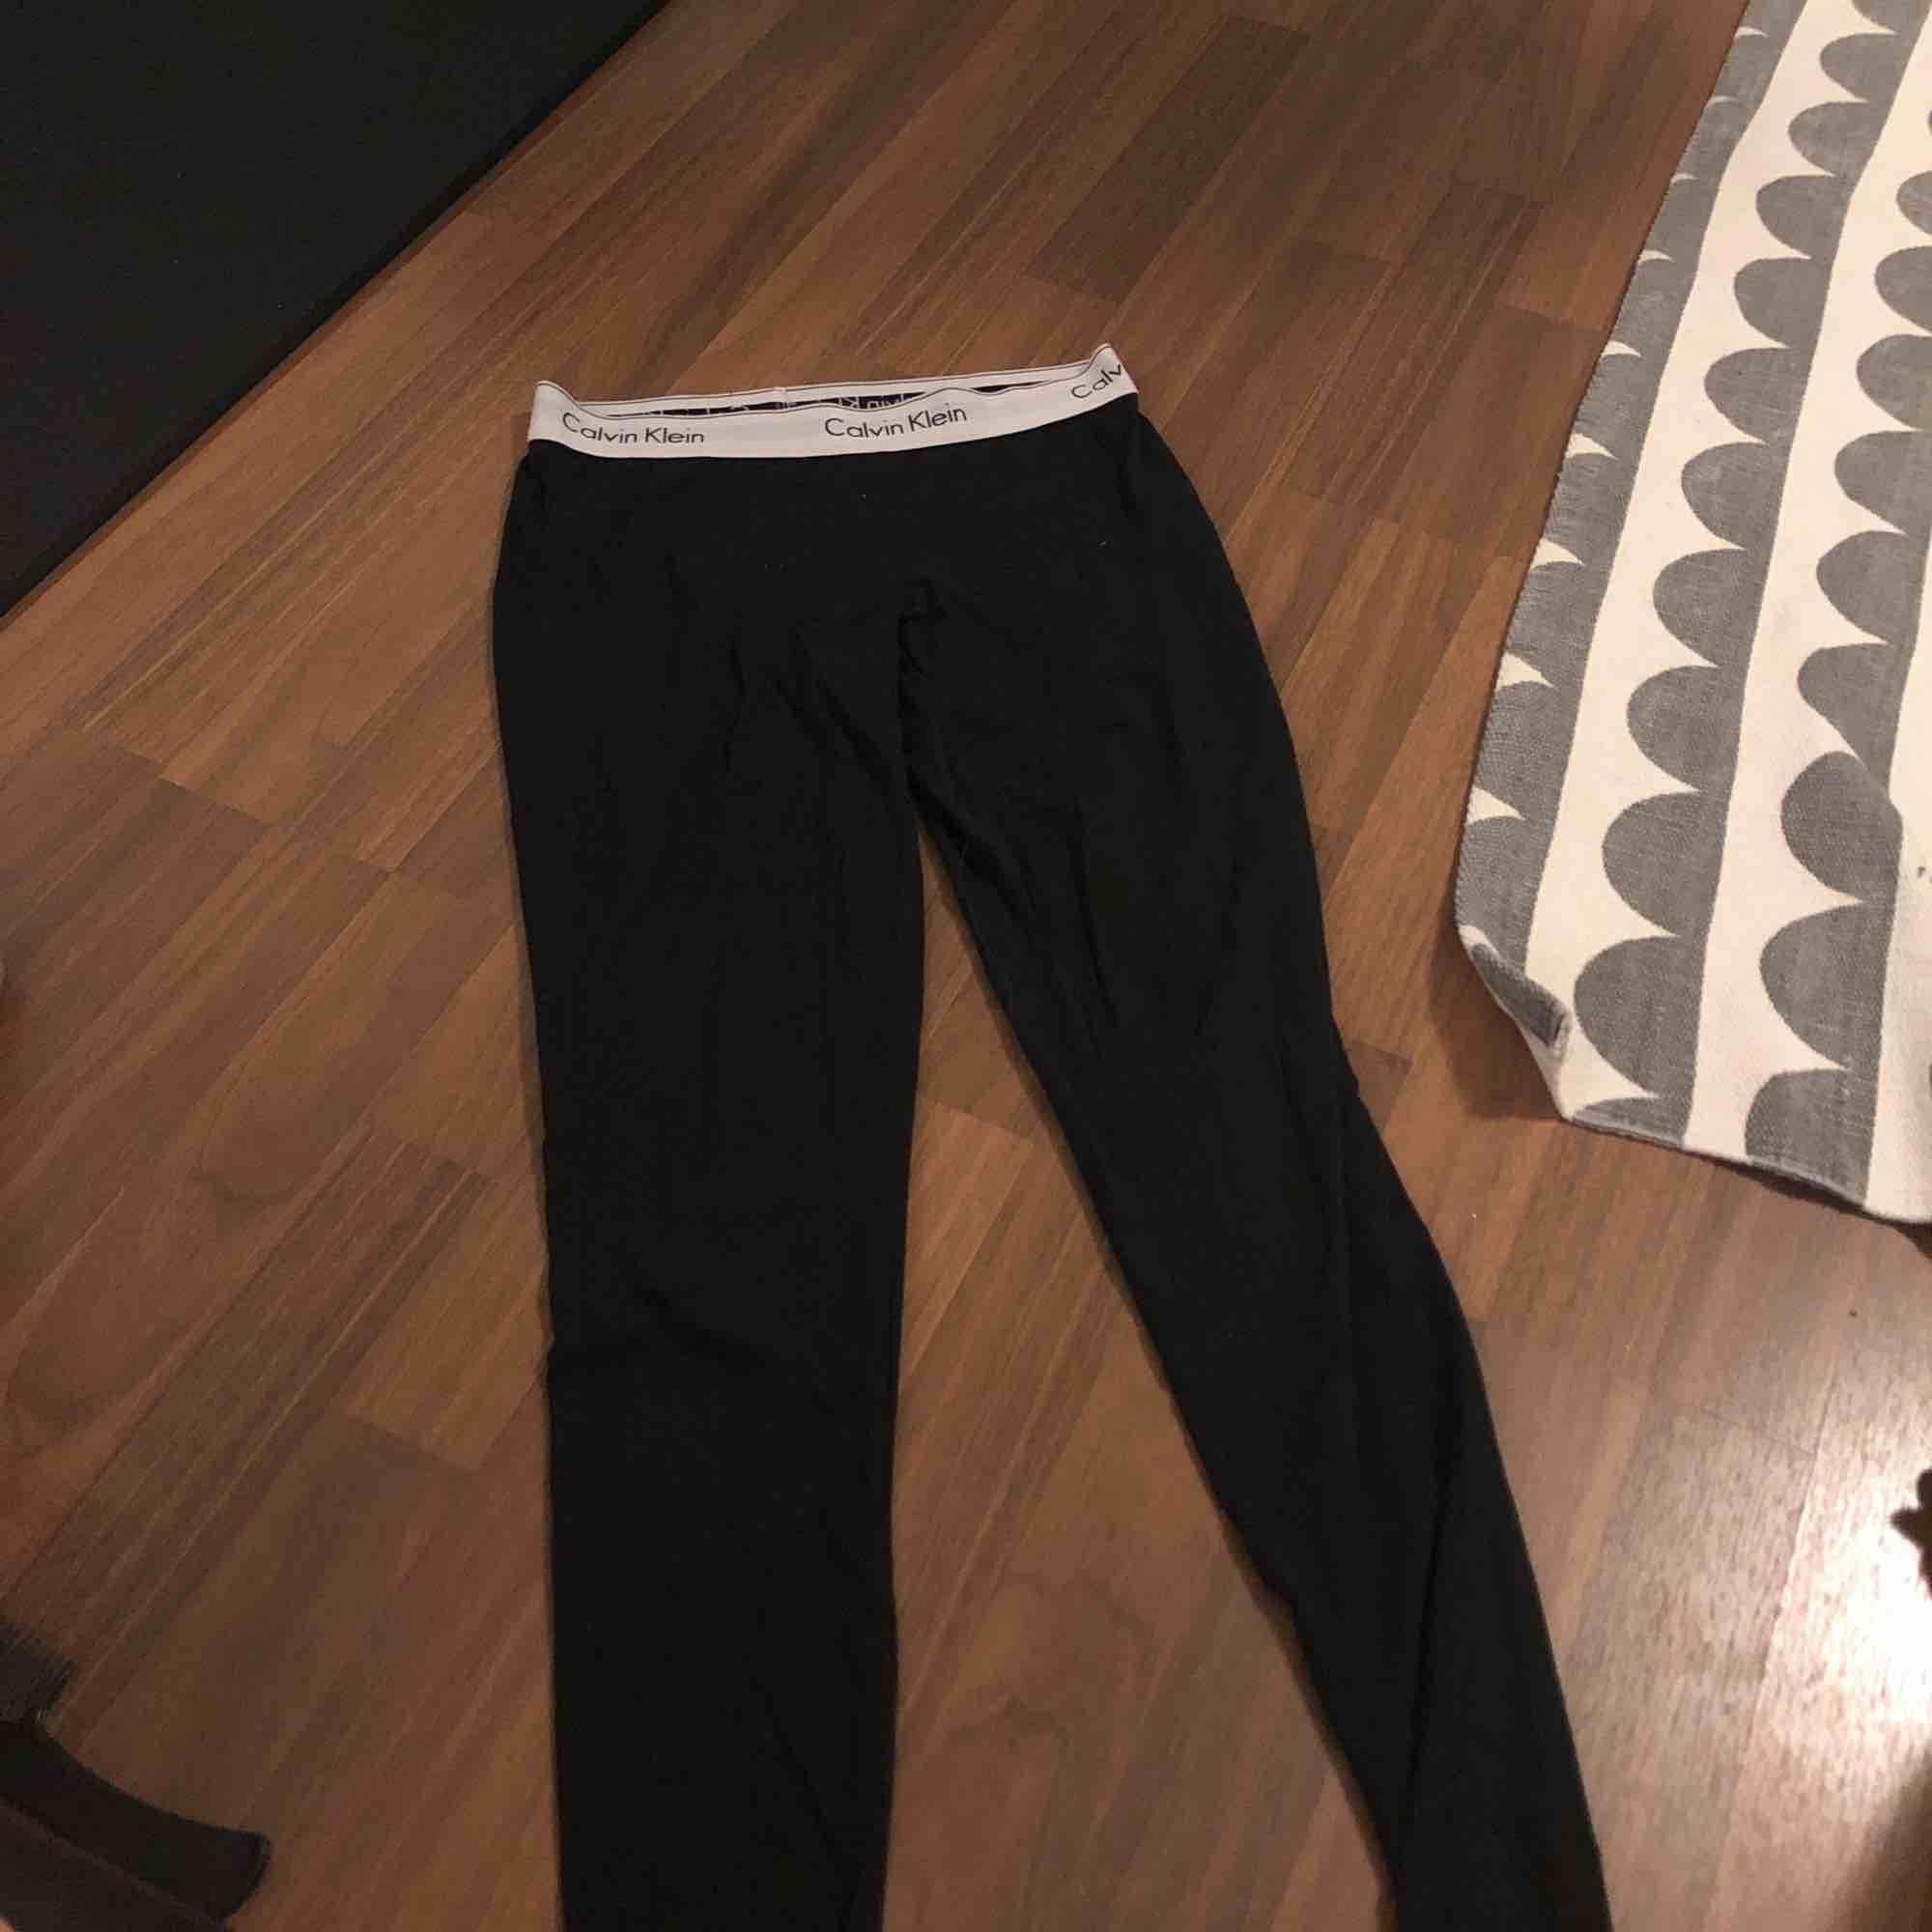 Långkalsonger från calvin klein, frakt betalar köparen🥰 ett litet hål på baksidan som visas på sista bilden men funkar superbra som långkalsonger eller pyjamas ändå!. Jeans & Byxor.